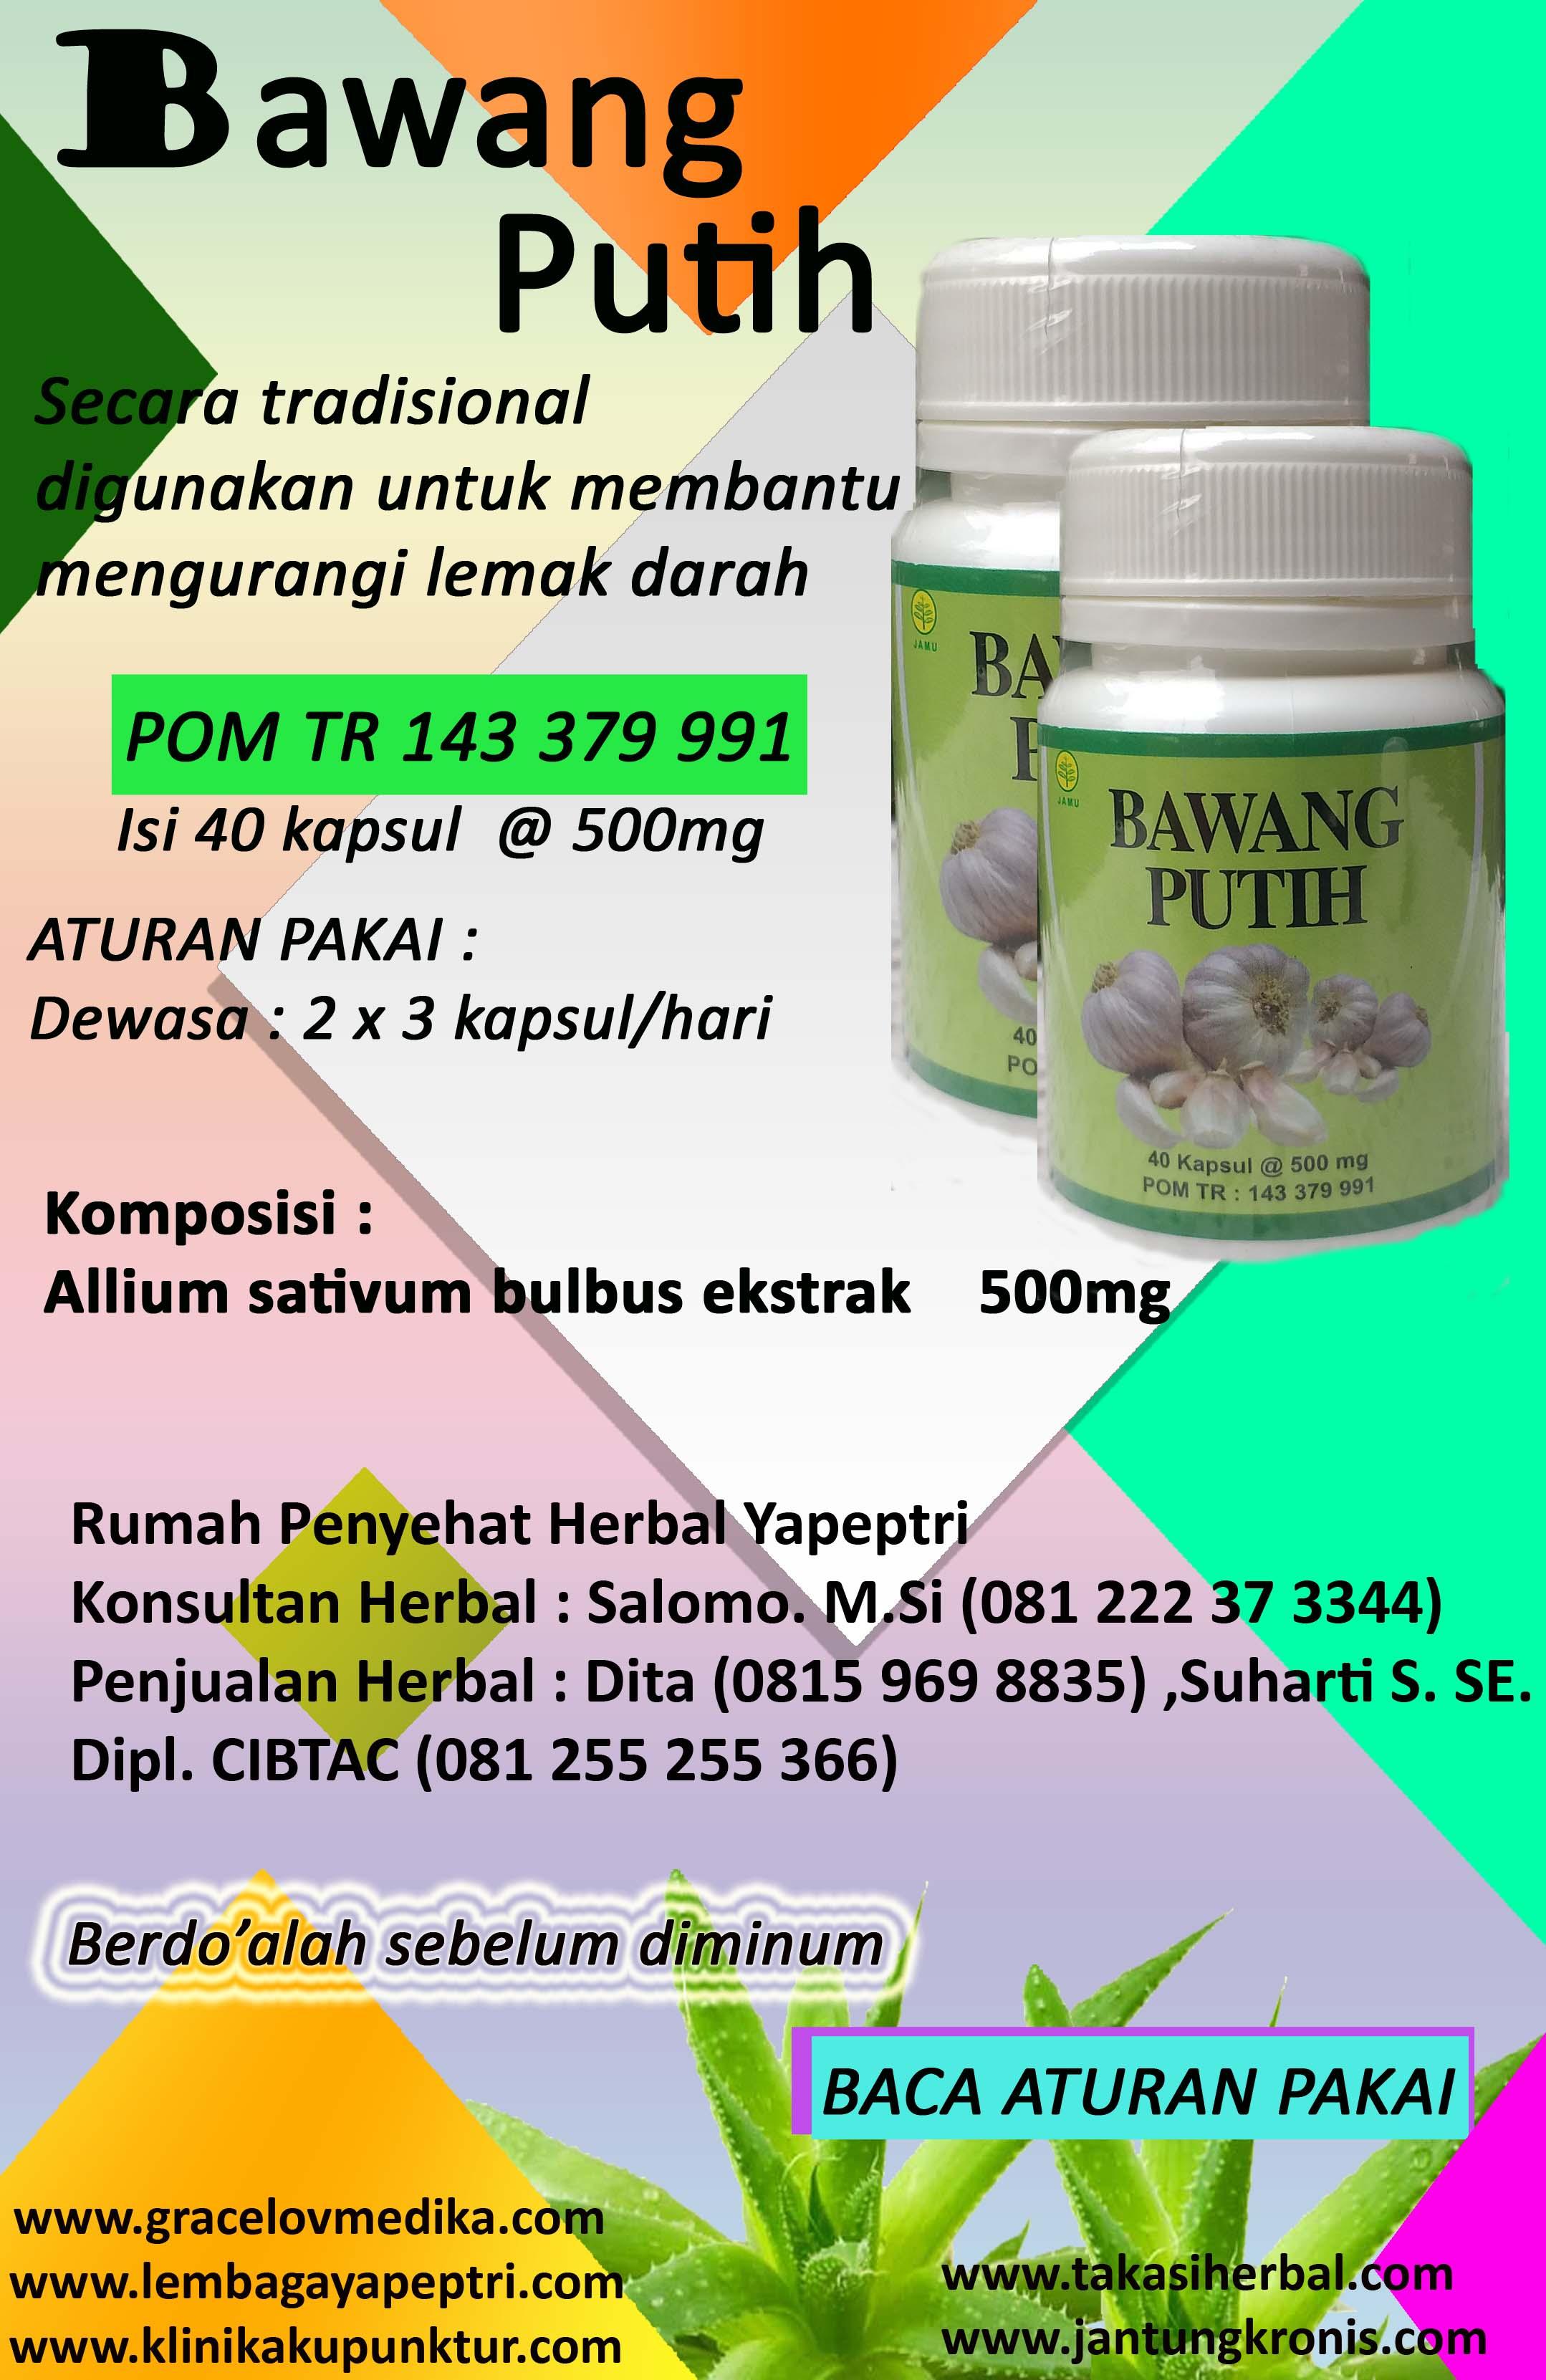 HERBAL BAWANG PUTIH digunakan untuk mengurangi lemak darah